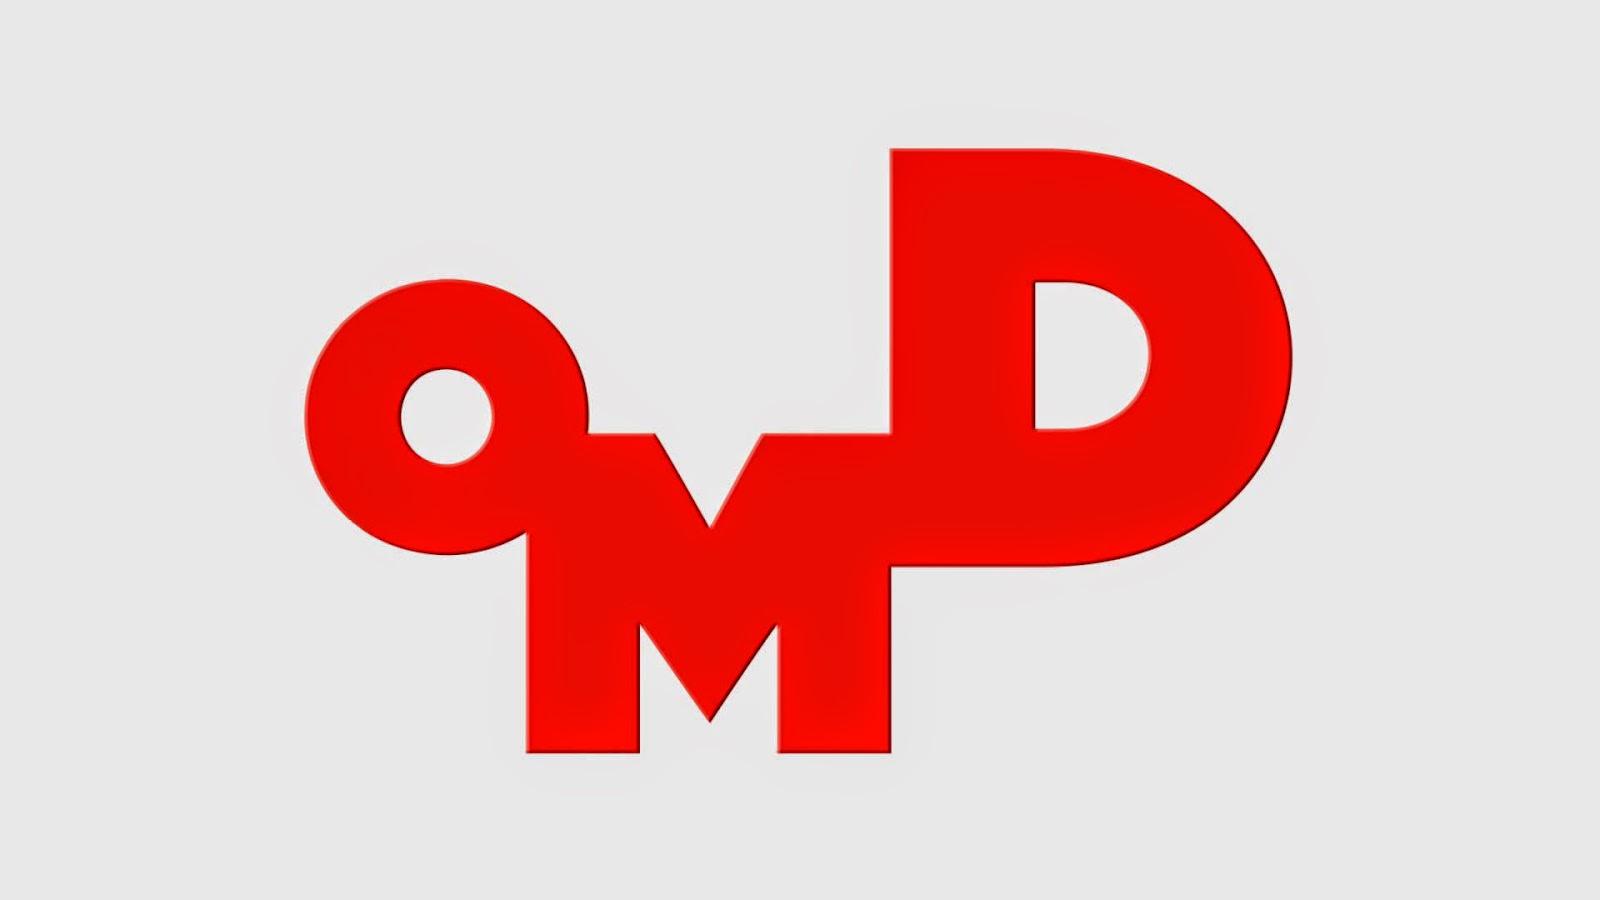 http://www.advertiser-serbia.com/omd-proglasen-najkreativnijom-globalnom-medijskom-agencijom/